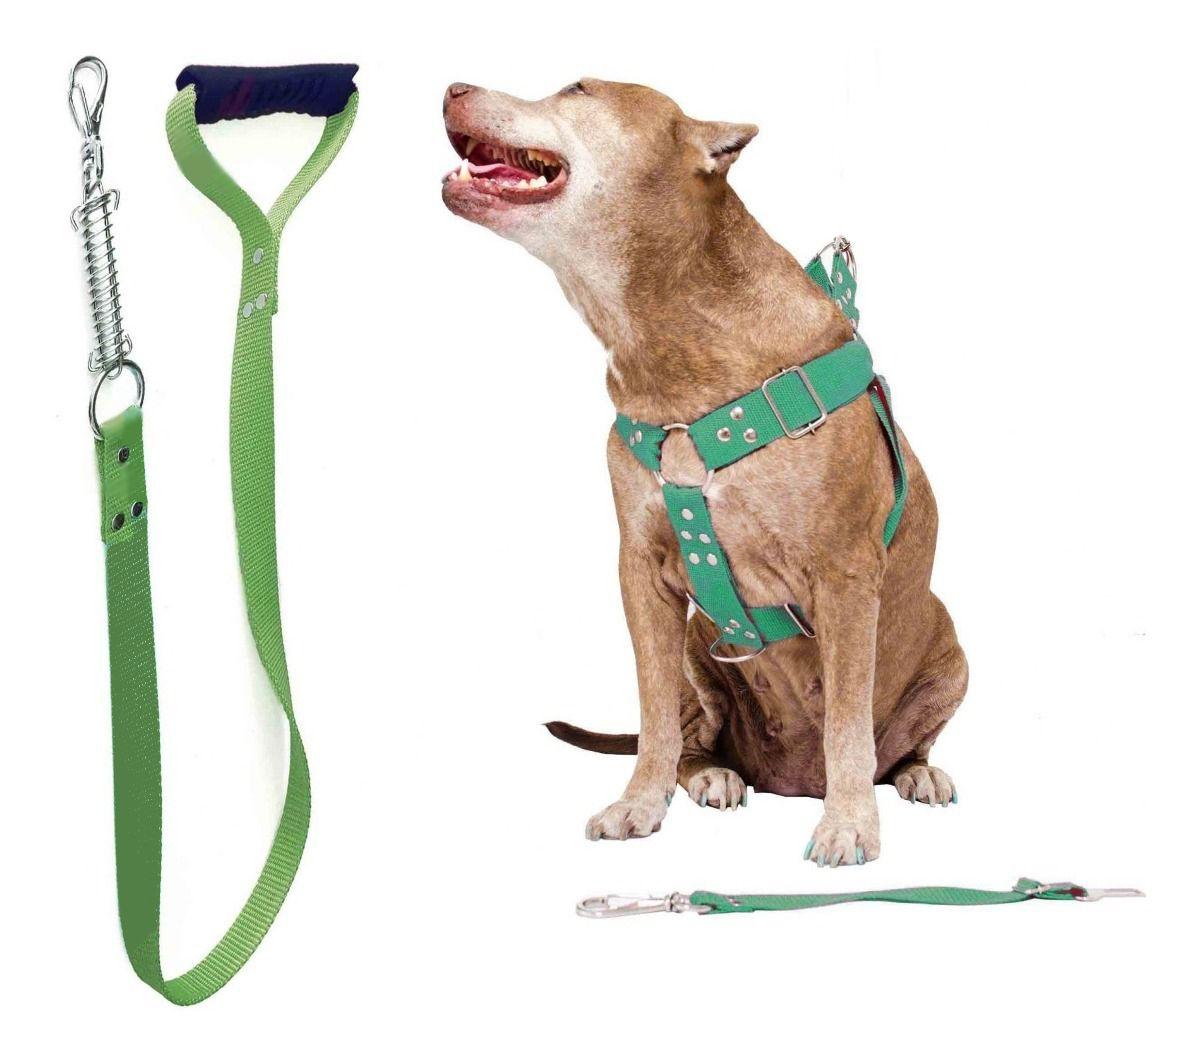 Coleira Peitoral Guia Cinto Segurança Cachorro Doberman Pitbull Anti Puxao - M Verde